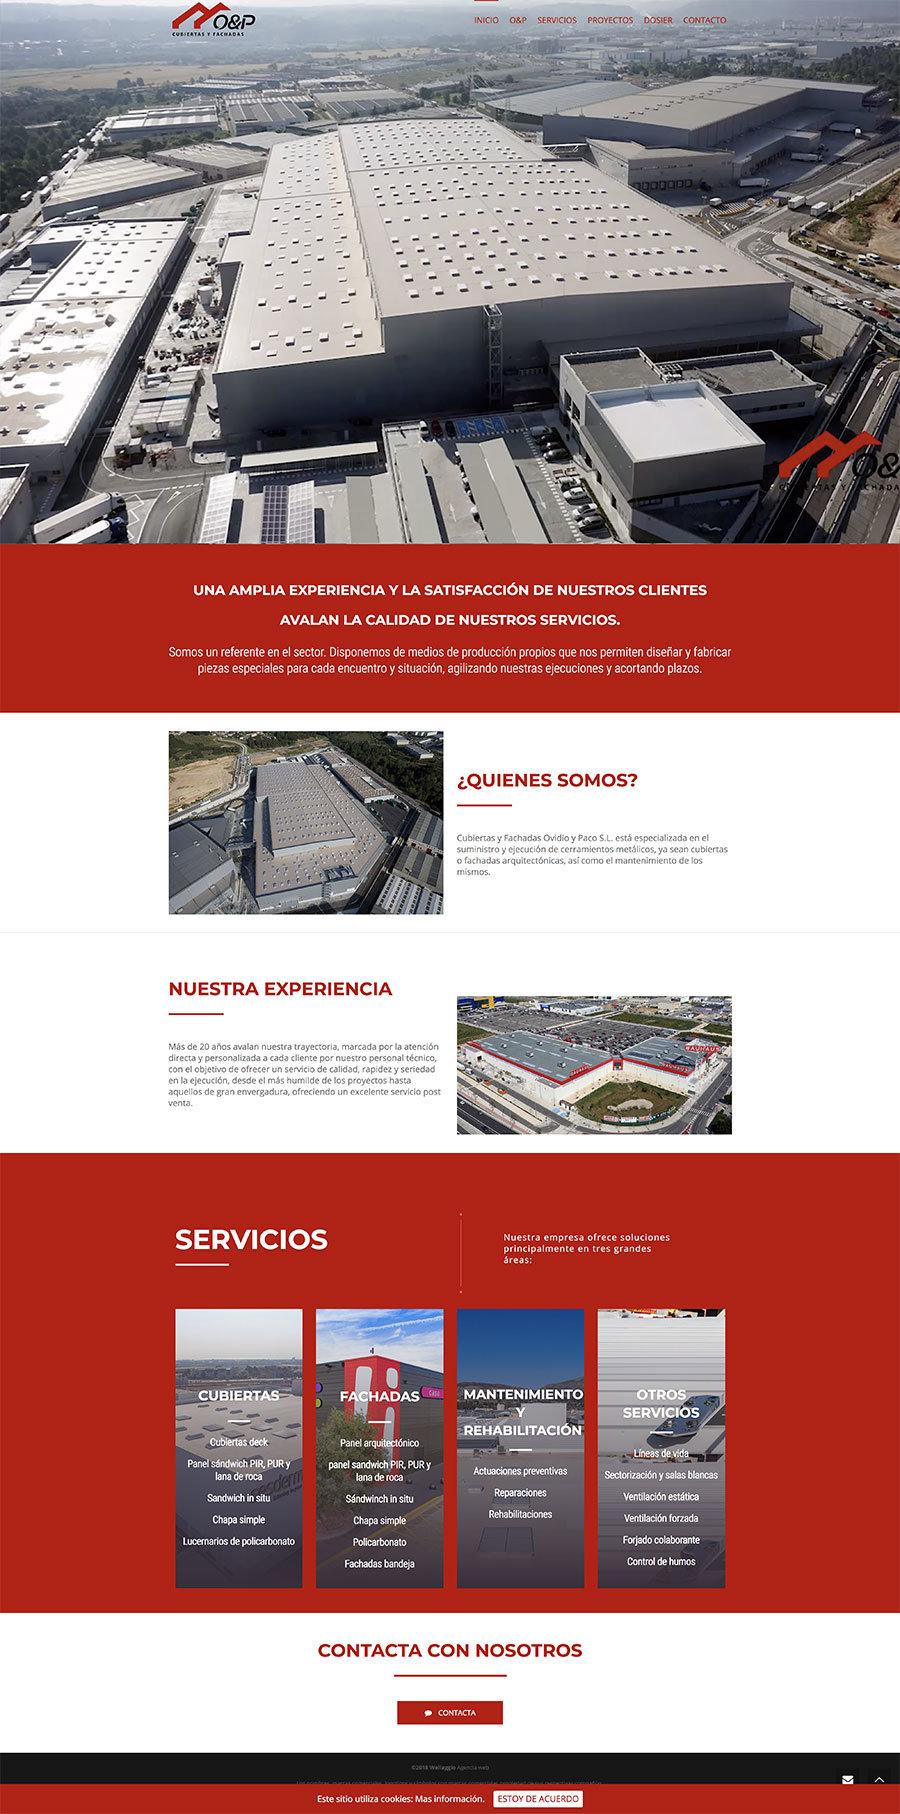 Wellaggio-diseño-web-valencia-OYPSL-2018-08-15-12_20_27